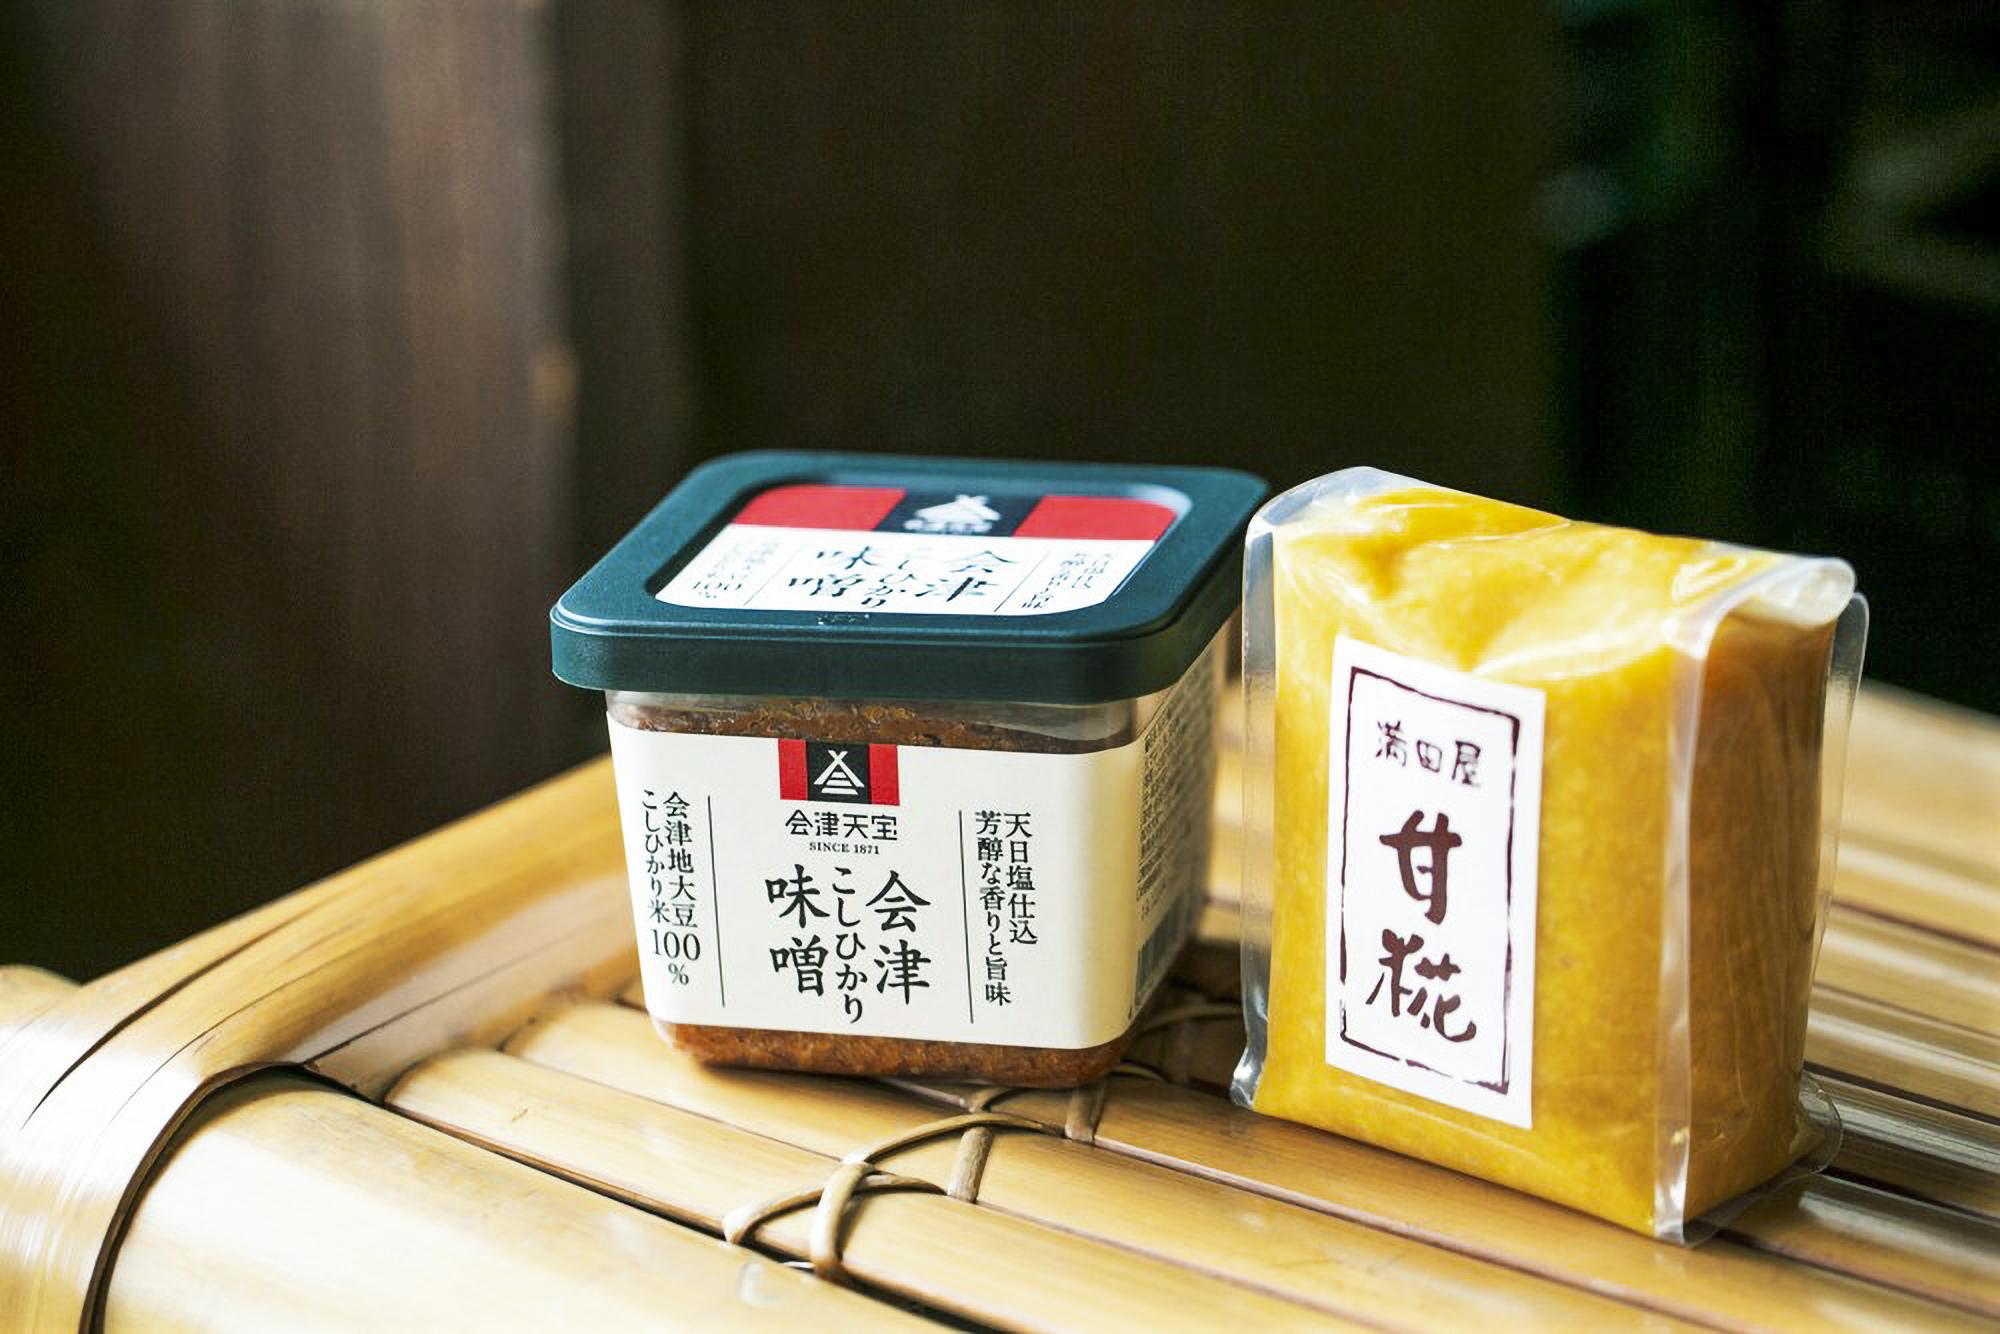 伝統製法で醸造した味噌が揃う